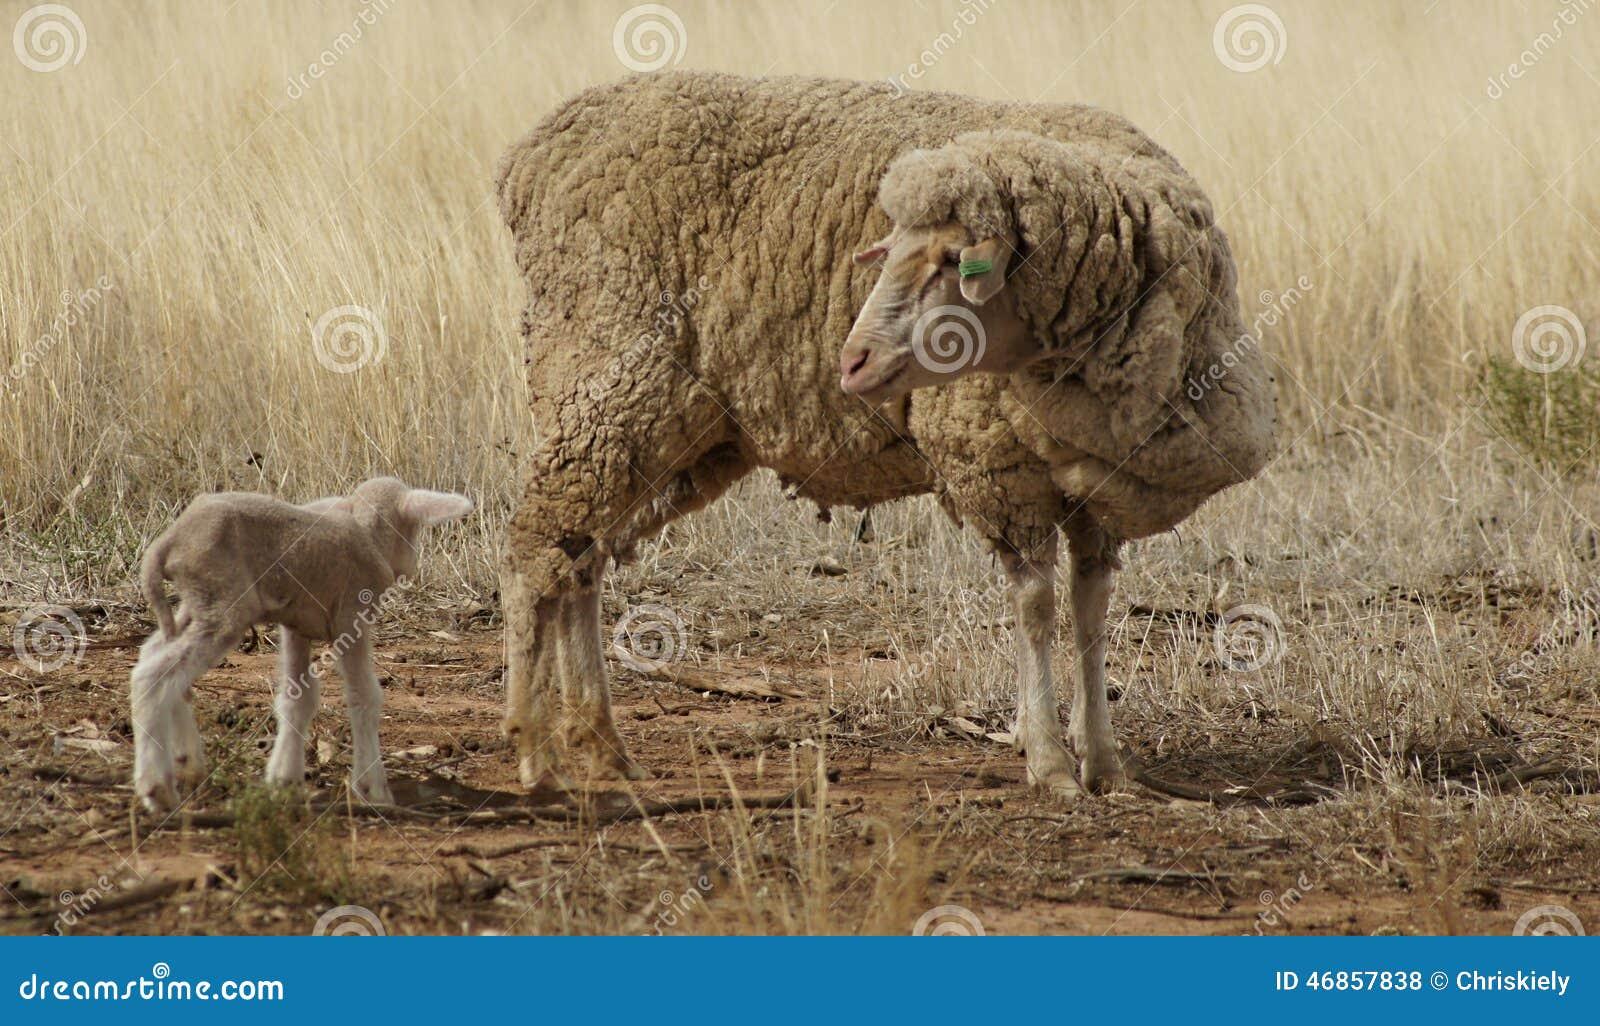 Προβατίνα και αρνί στην ξηρασία